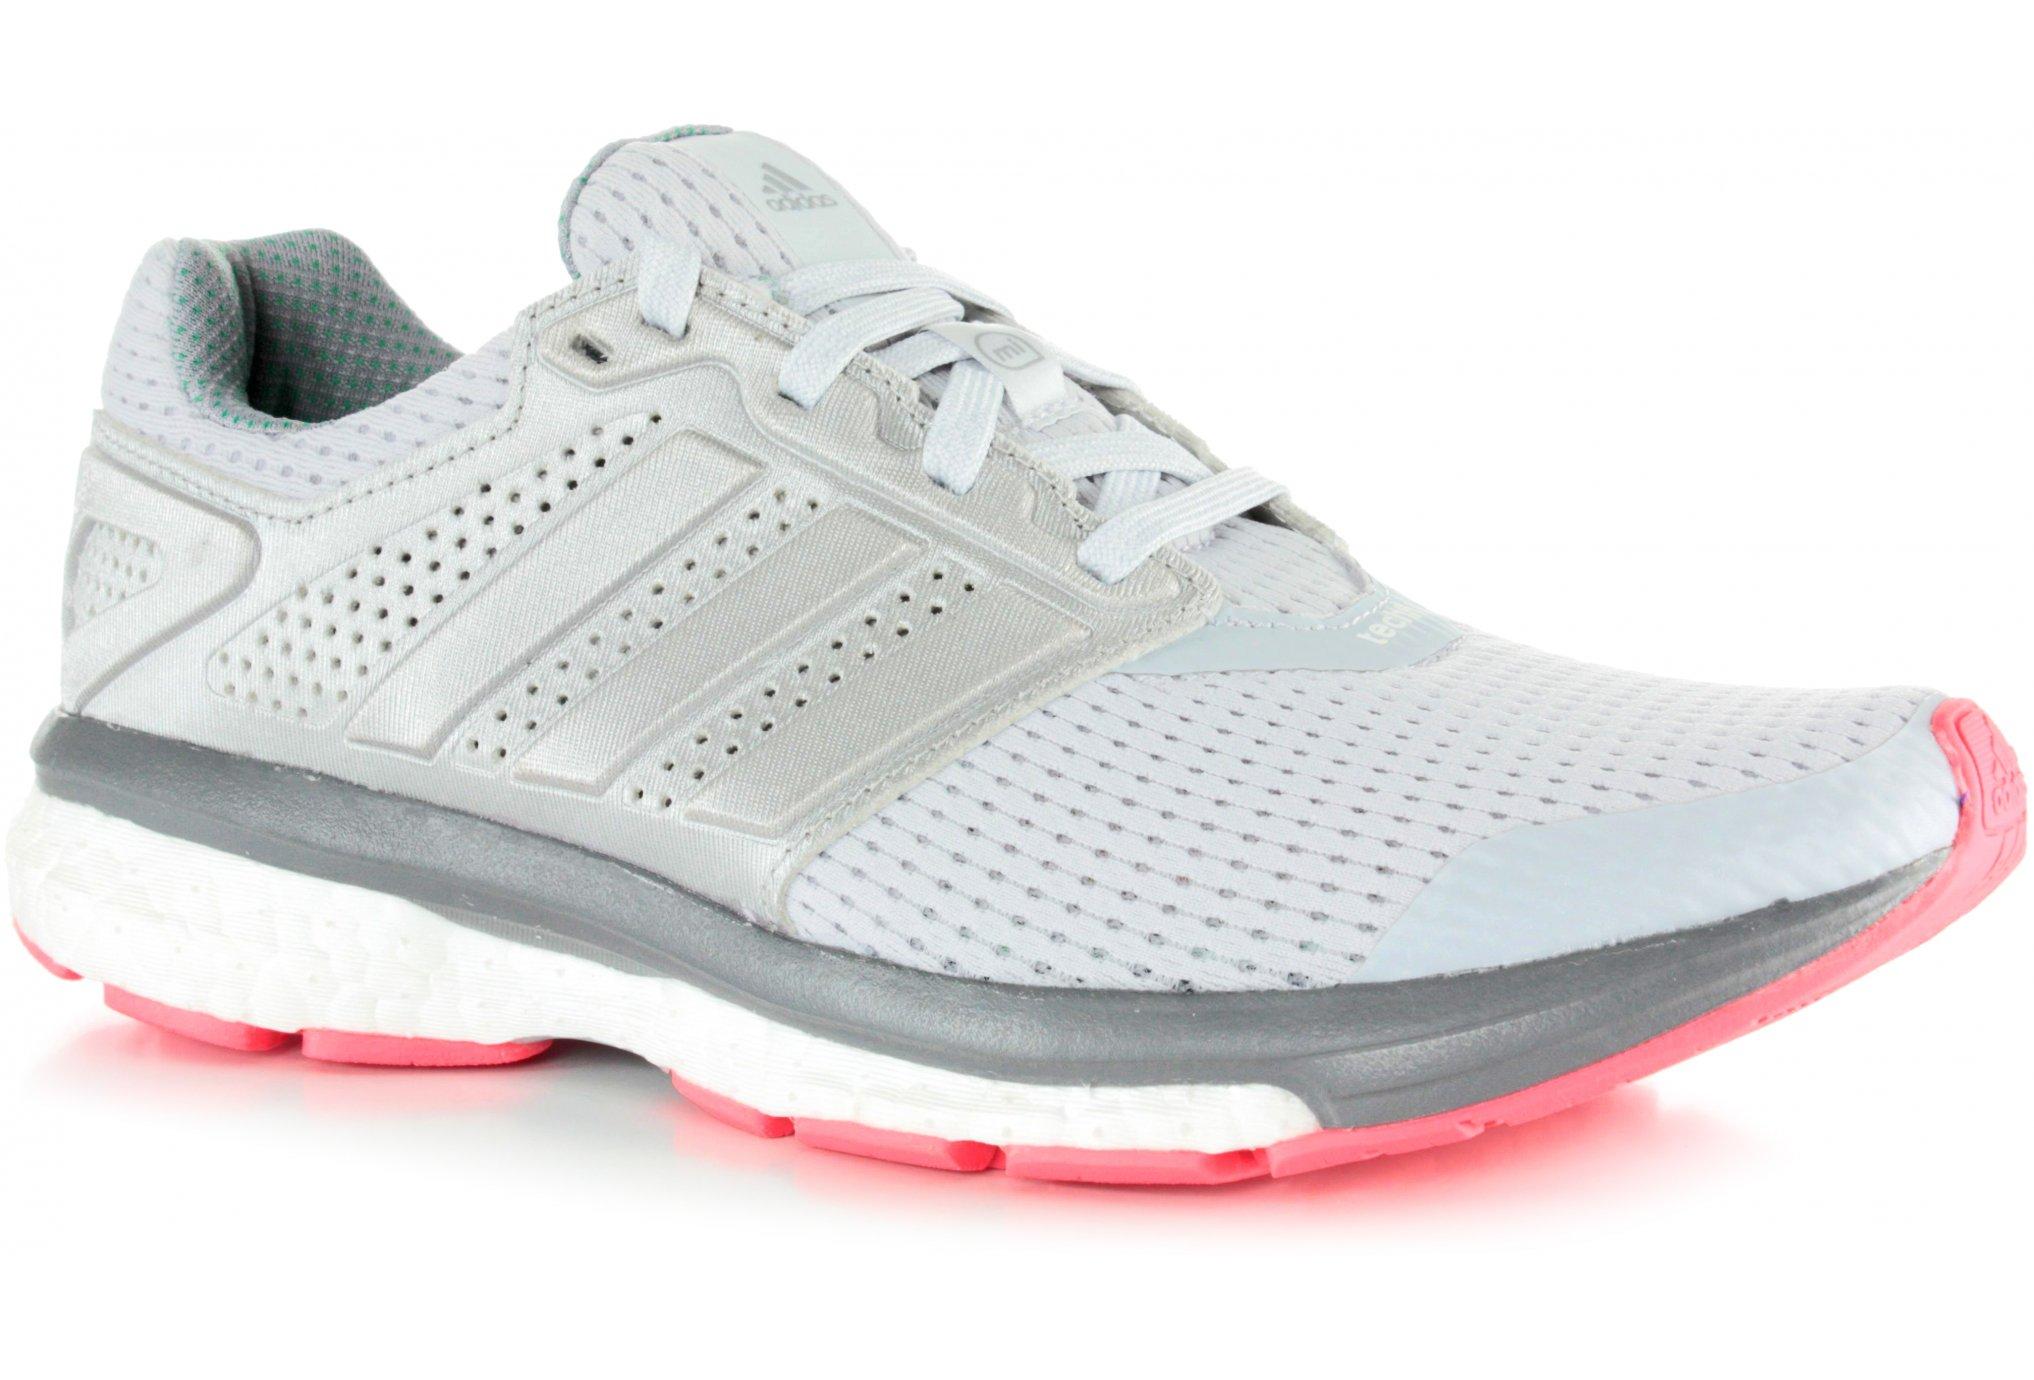 Adidas Supernova glide 7 boost w diététique chaussures femme